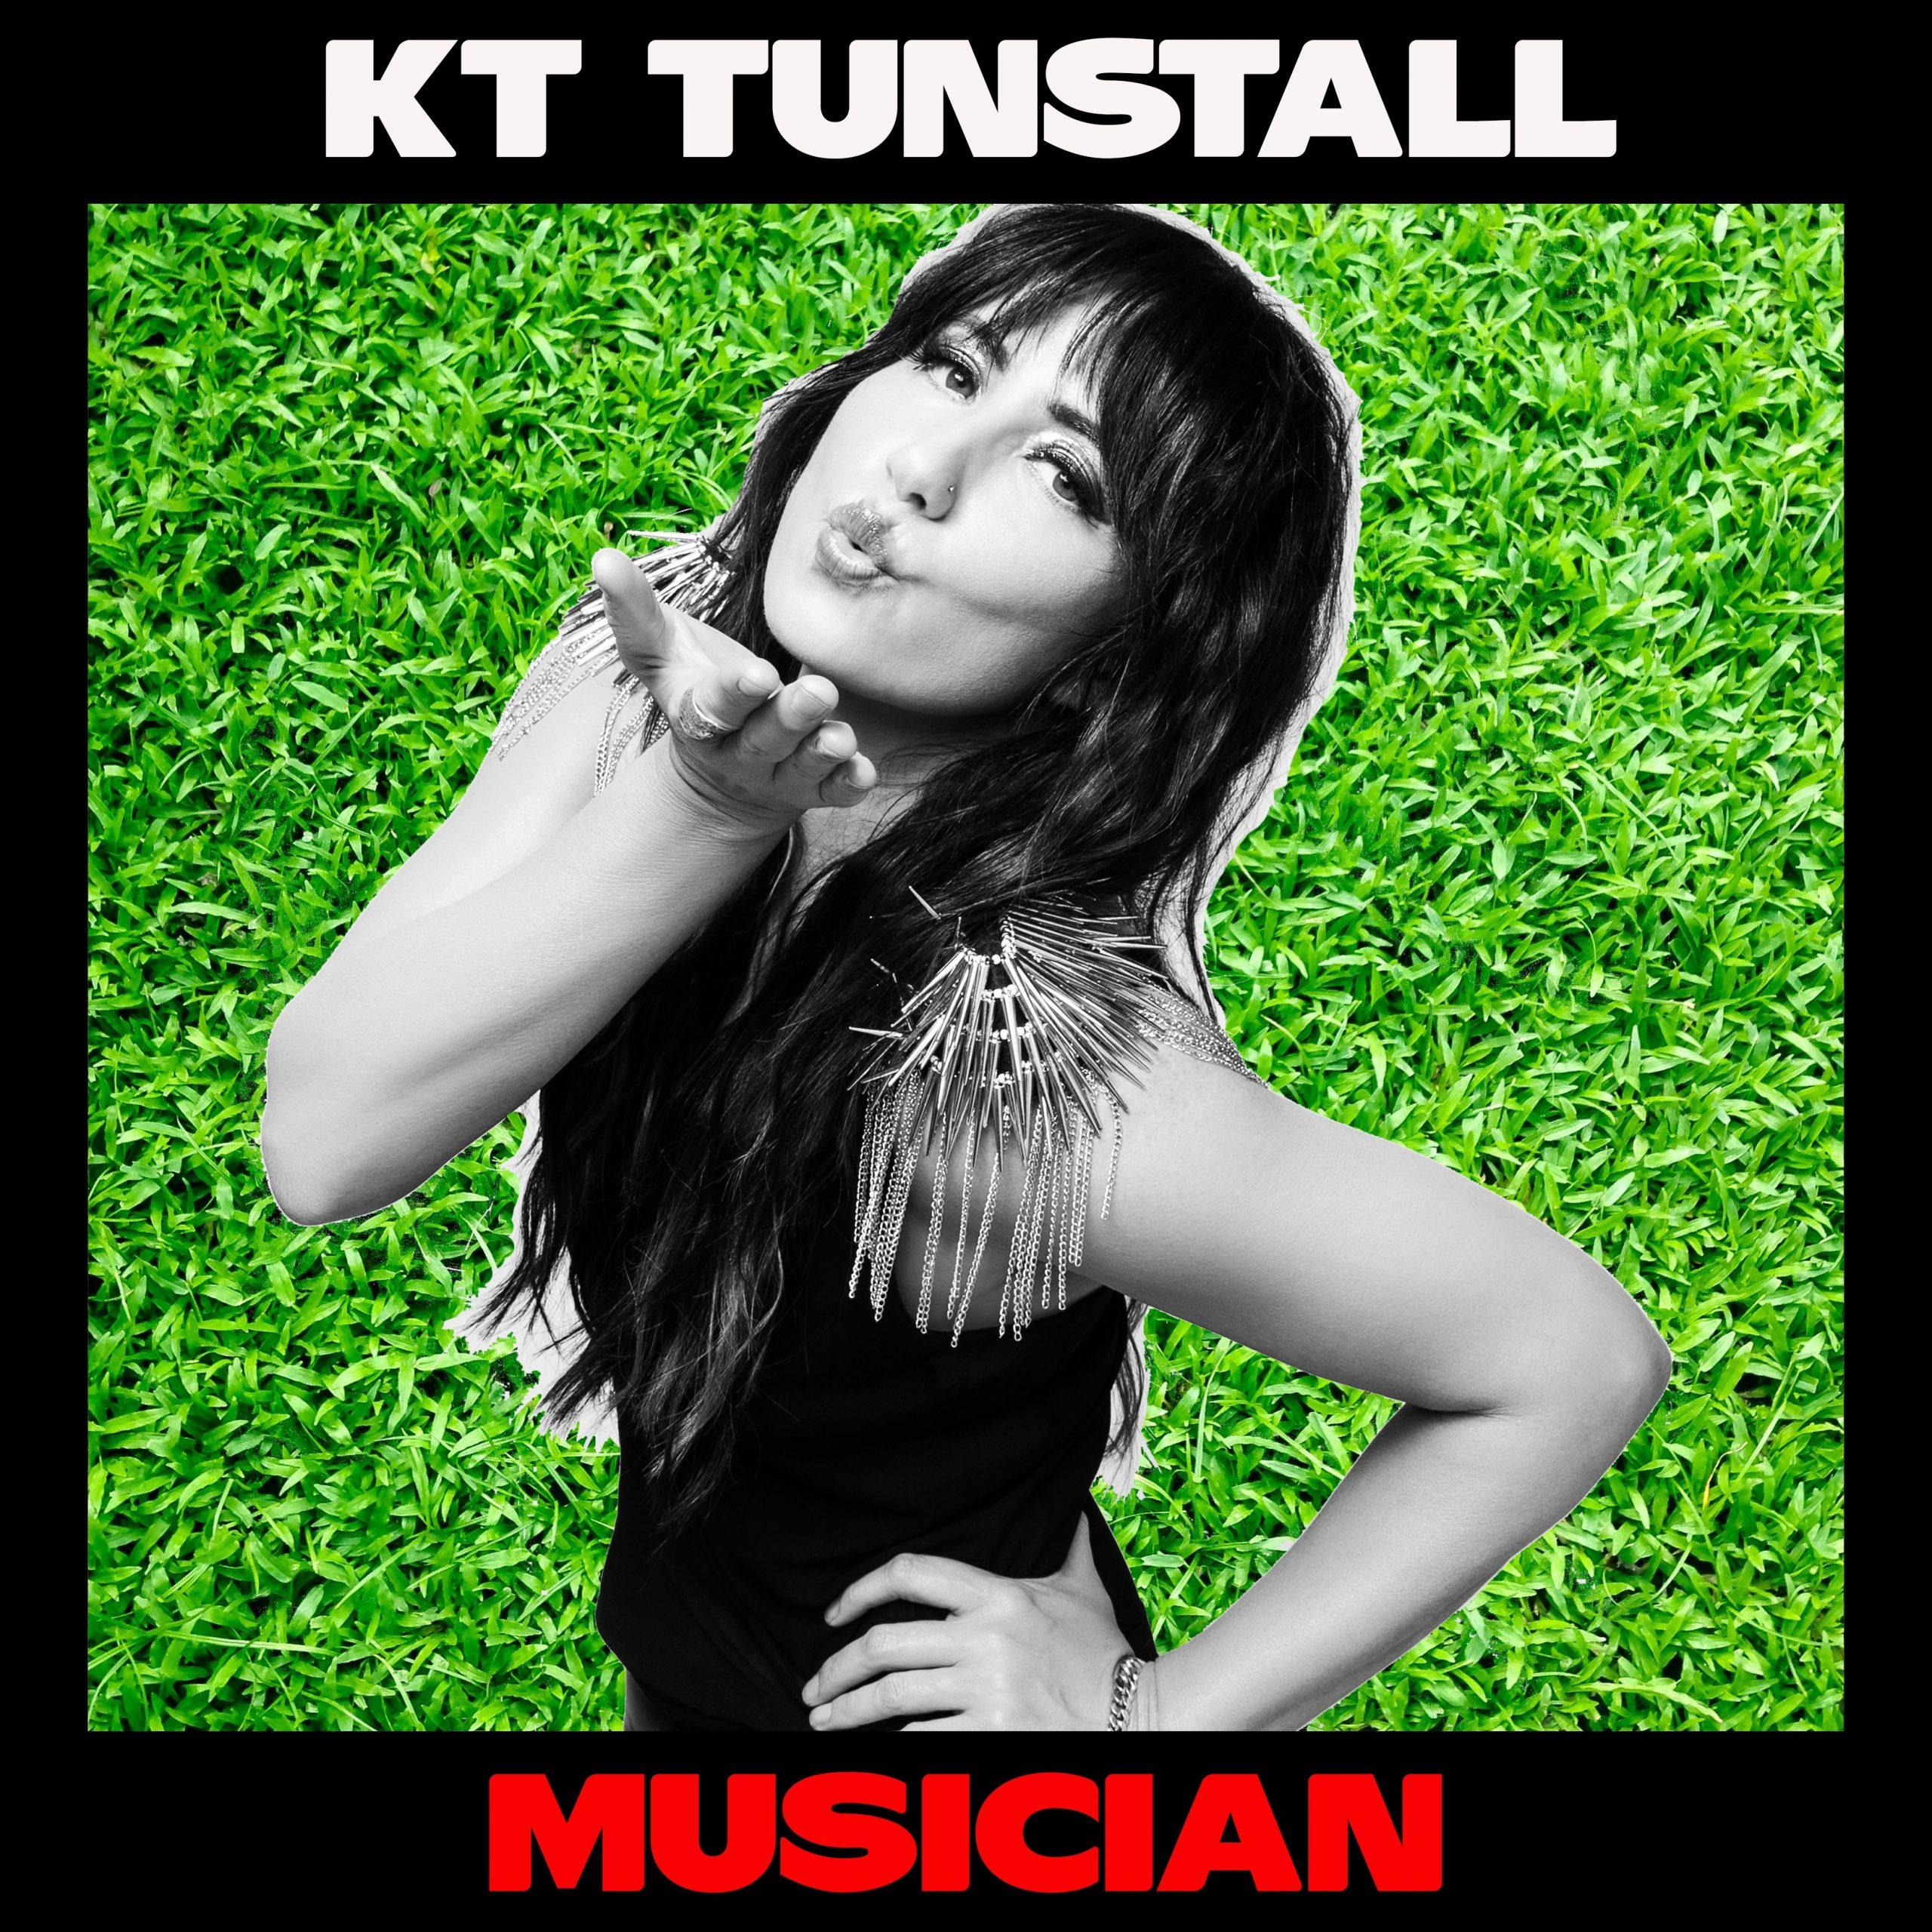 KT Tunstall, Musician